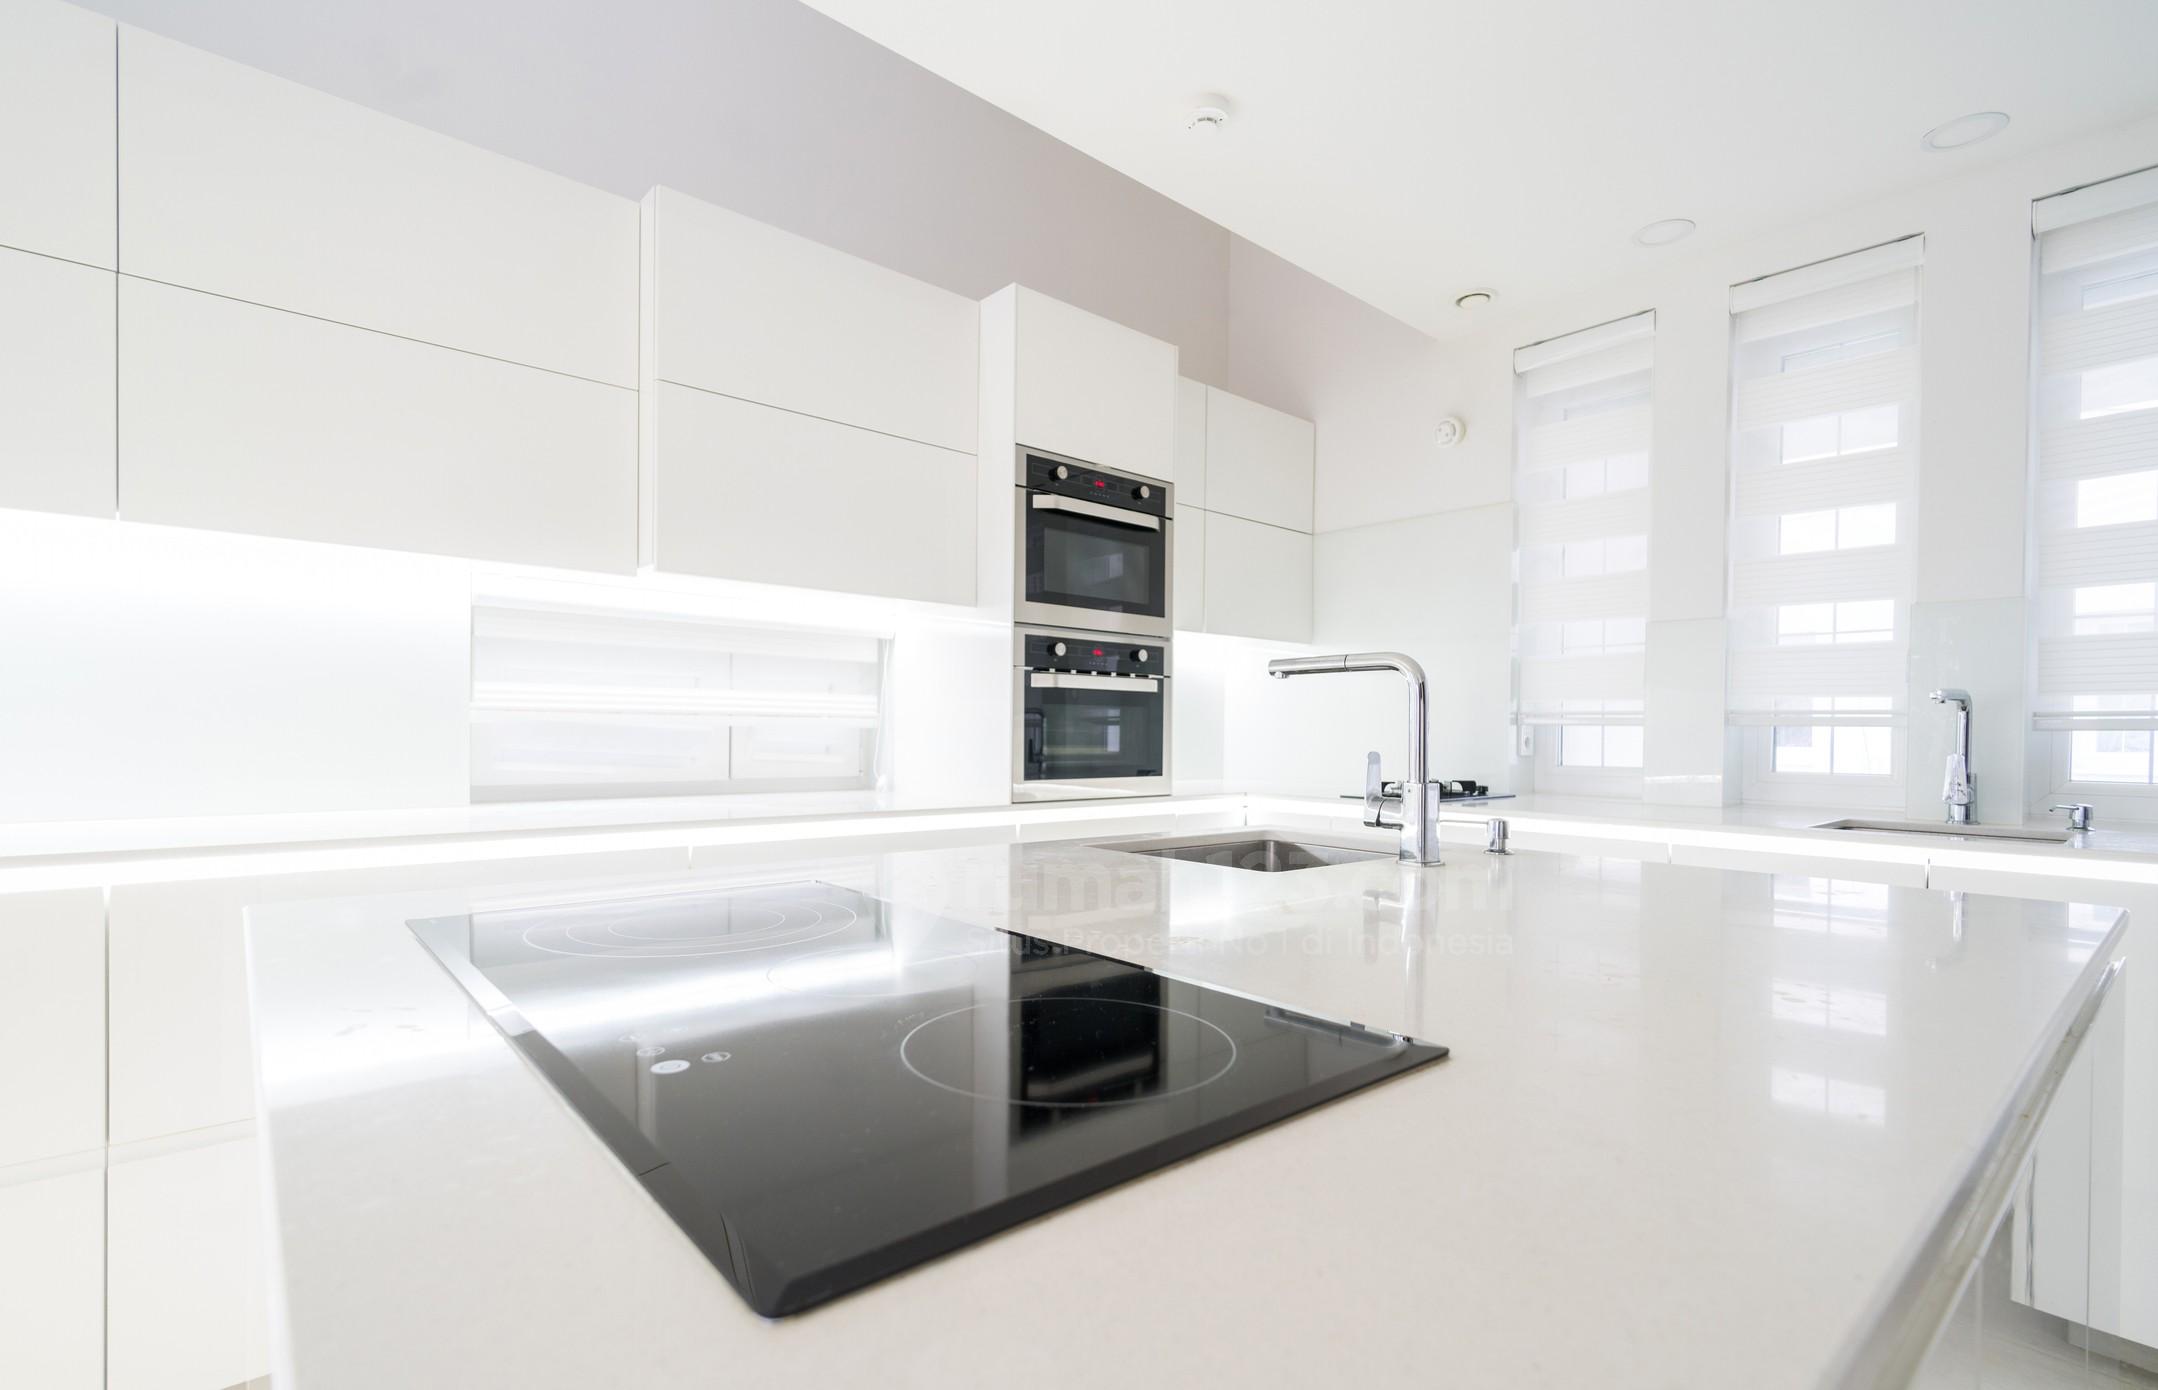 harga kitchen set - rumah123.com